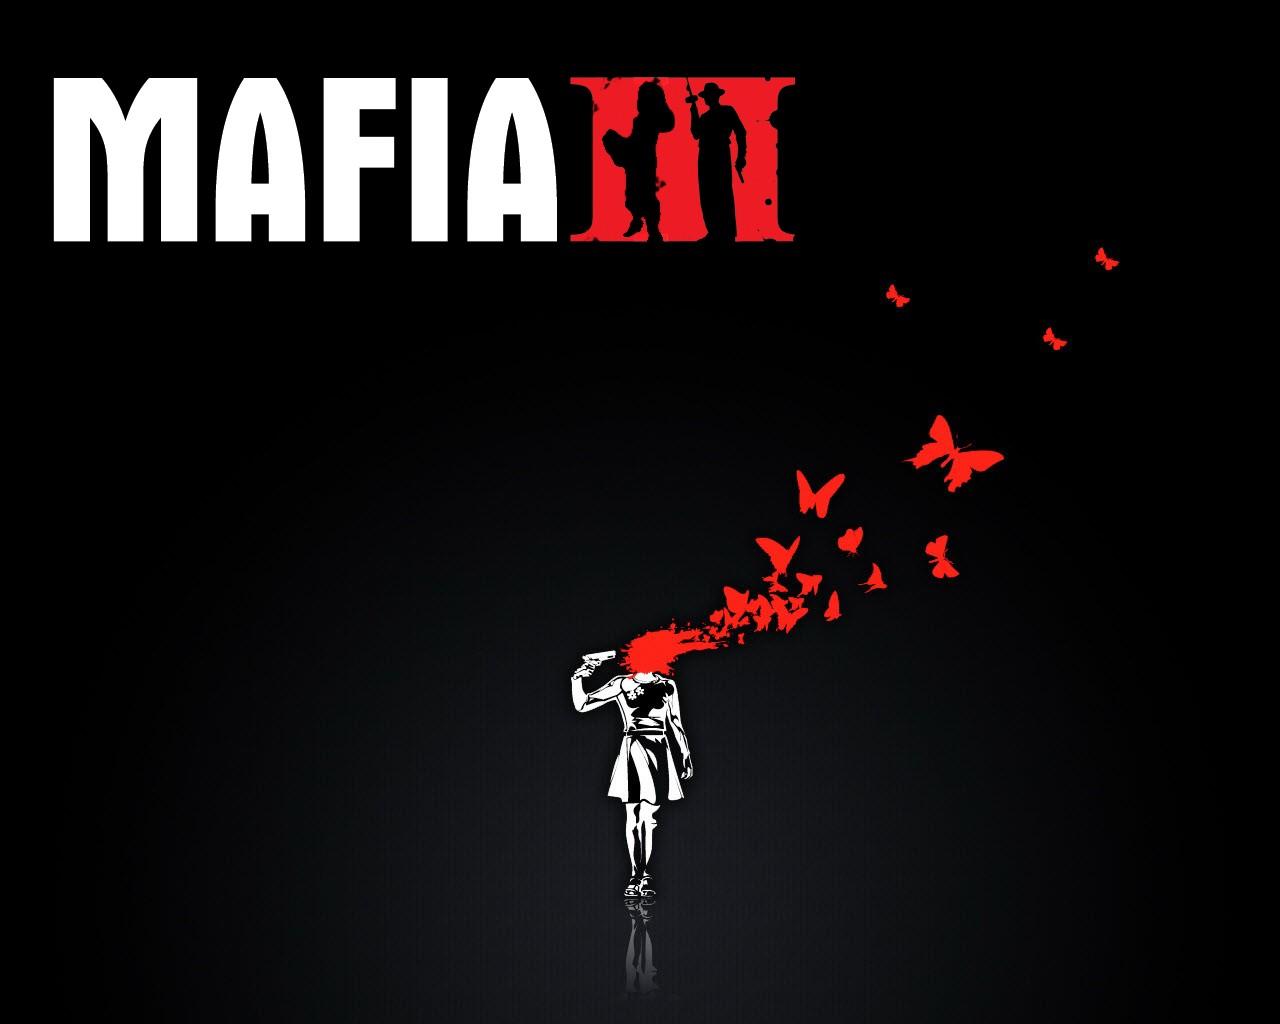 Mafia 3 ждет анонса на Gamescom 2015 после подтверждения выхода